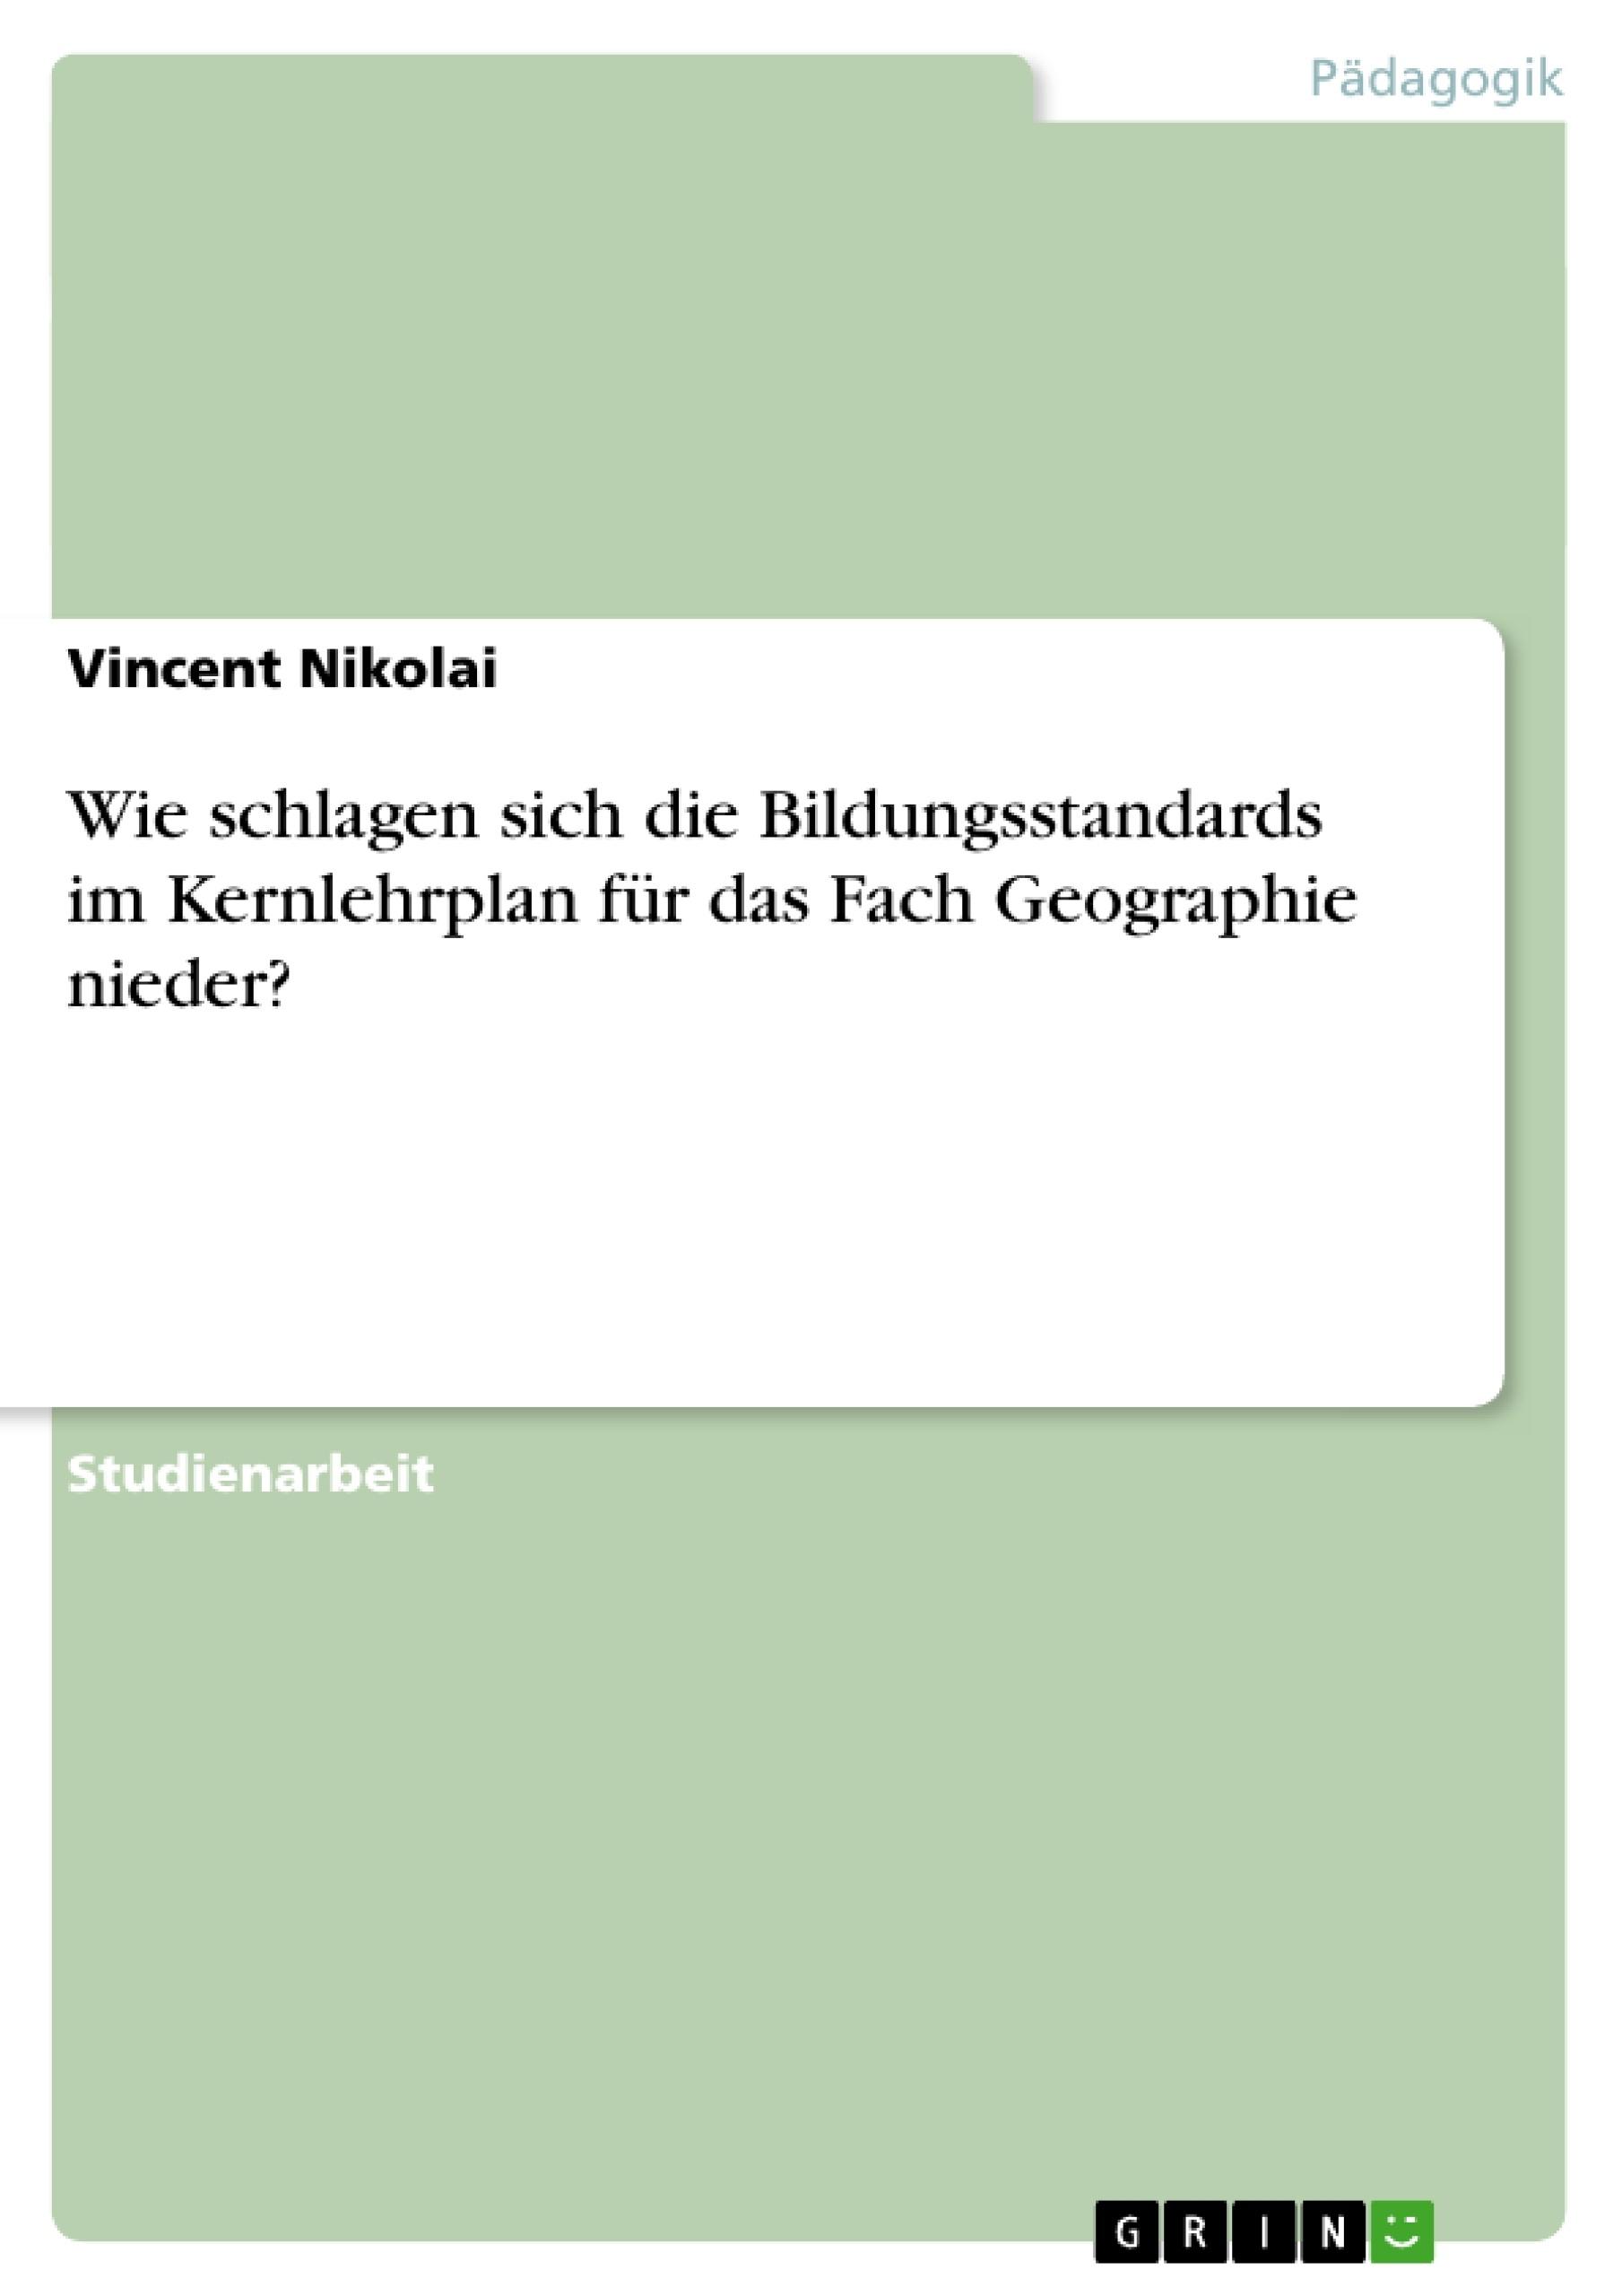 Titel: Wie schlagen sich die Bildungsstandards im Kernlehrplan für das Fach Geographie nieder?